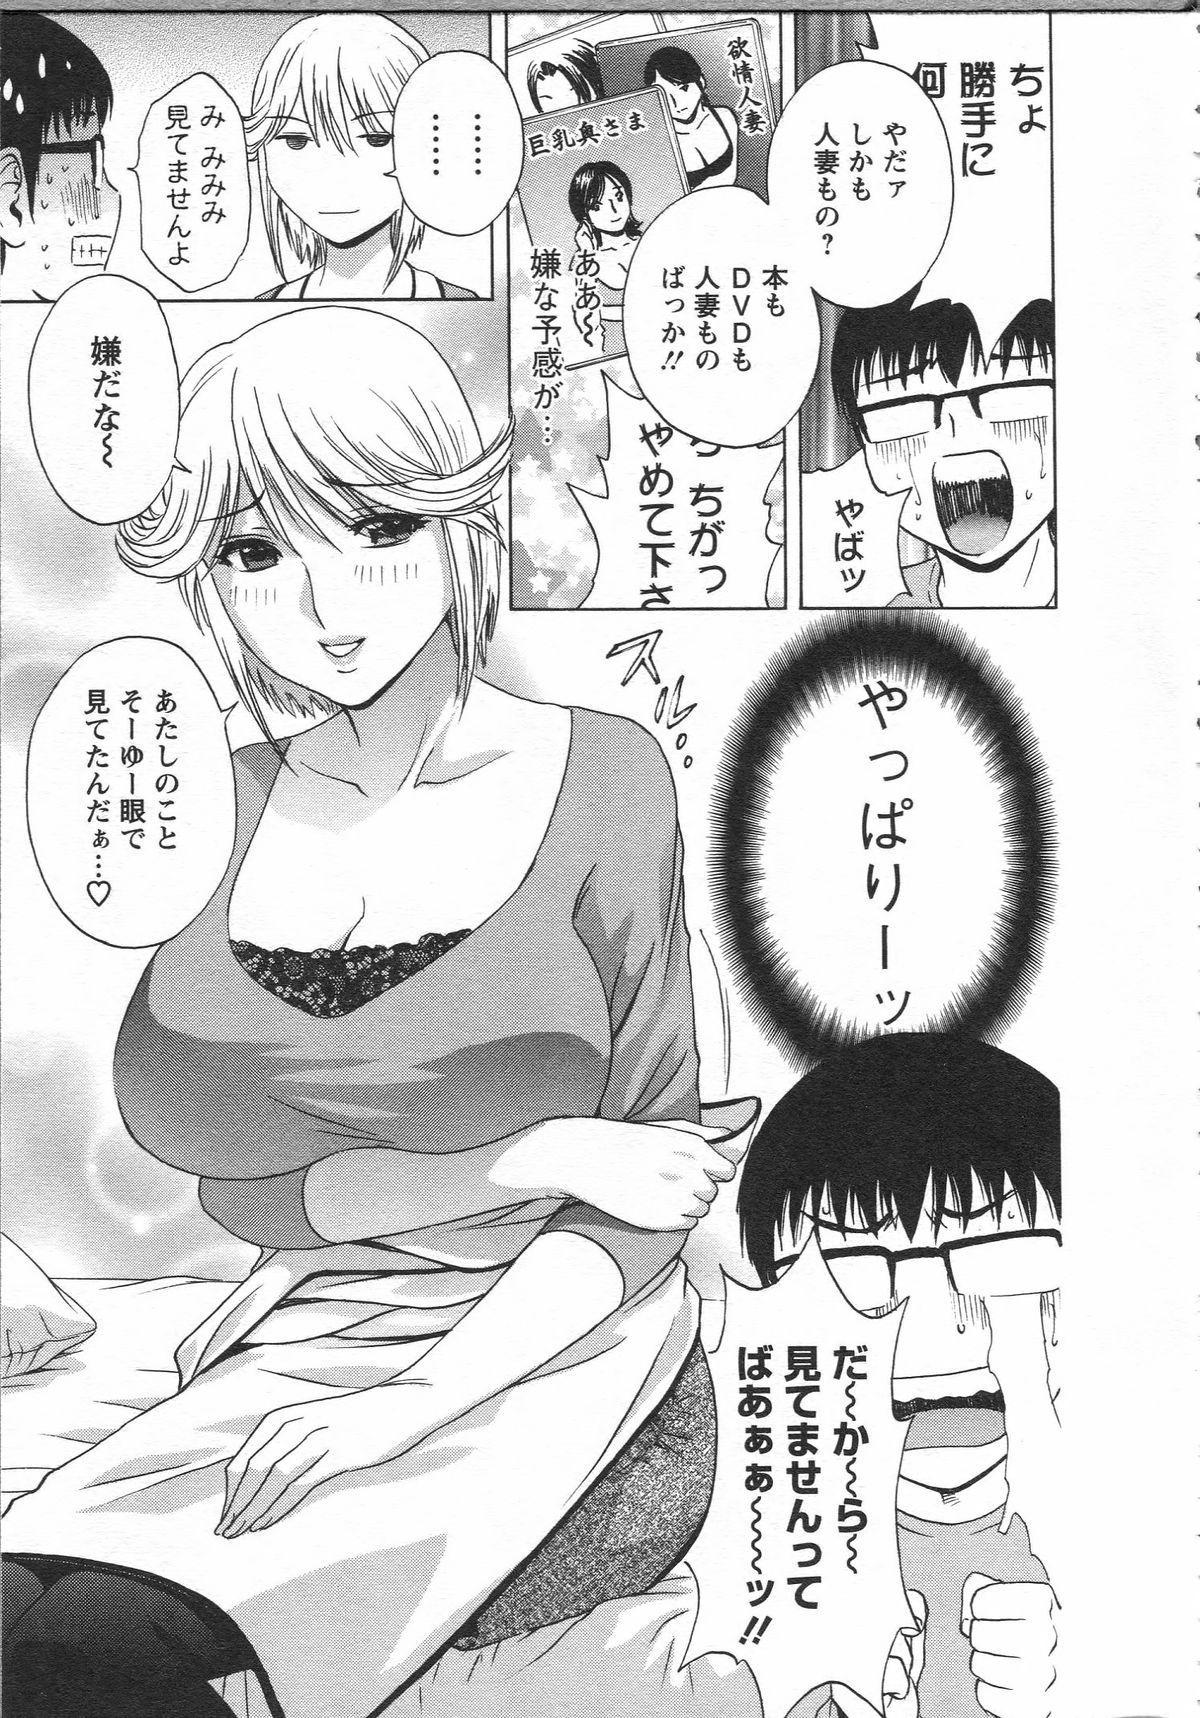 Manga no youna Hitozuma to no Hibi - Days with Married Women such as Comics. 28